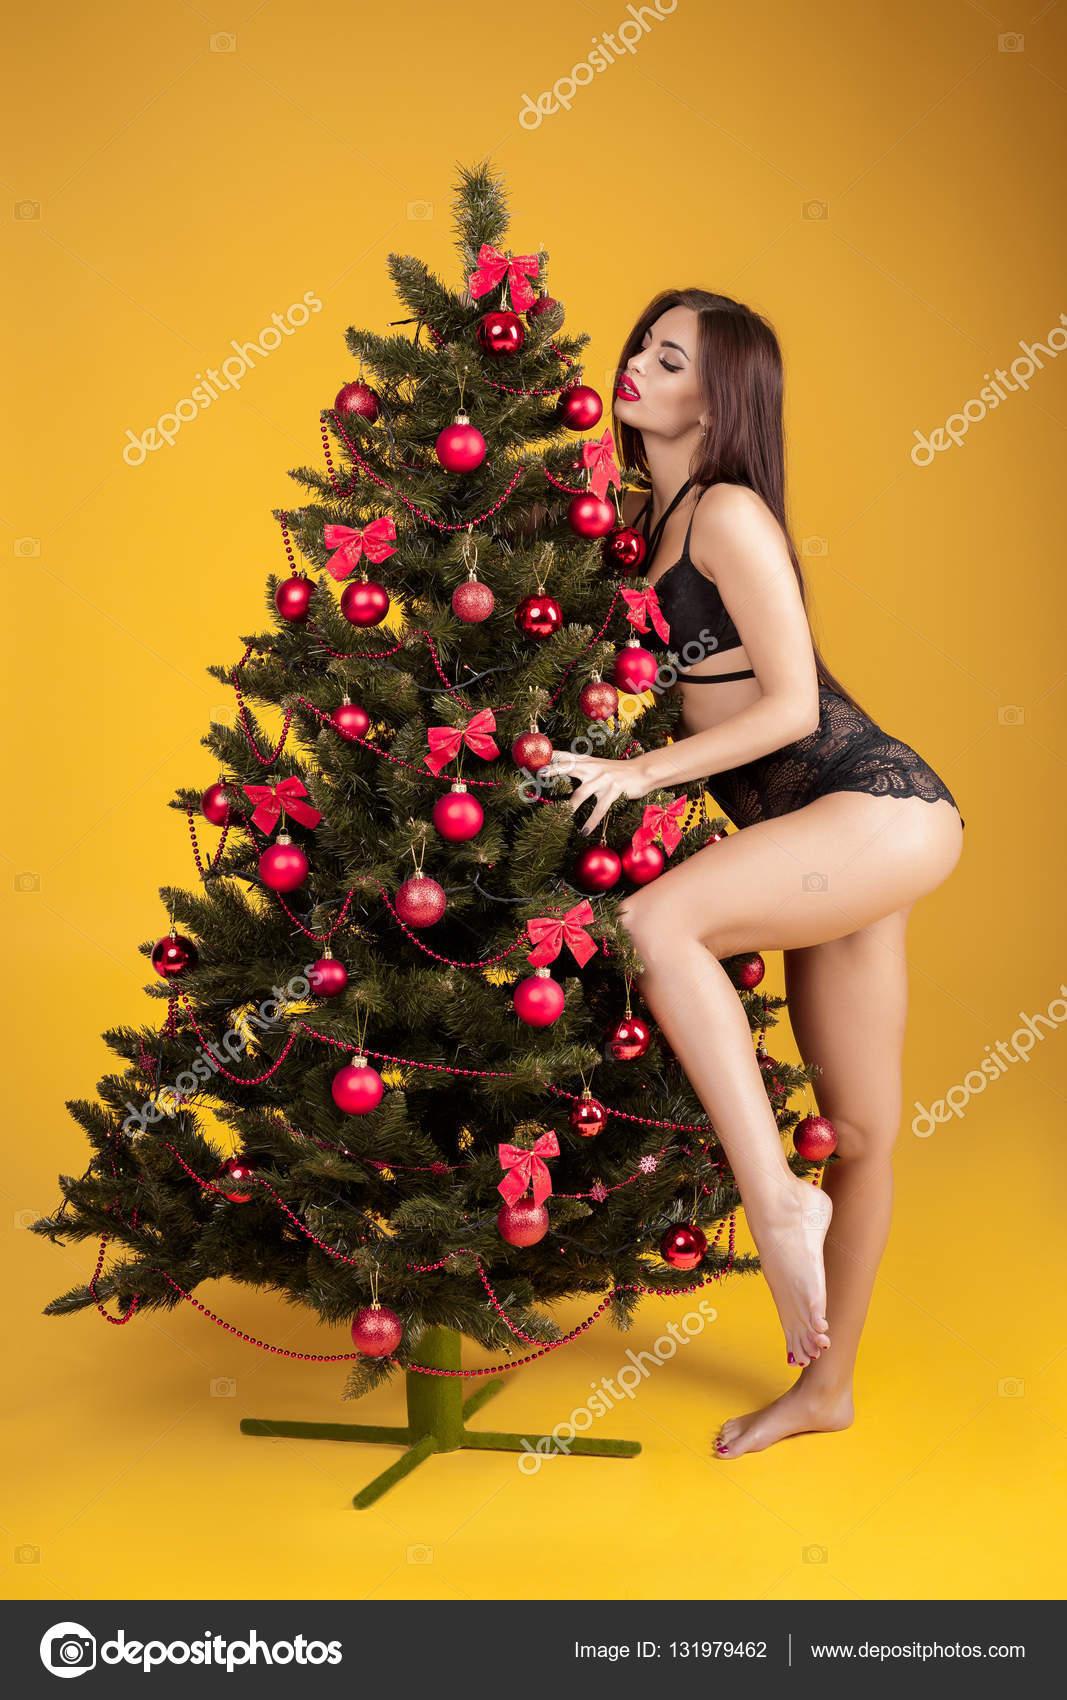 010c7f406fac Mujer sexy en ropa interior junto a un árbol de Navidad — Fotos de Stock